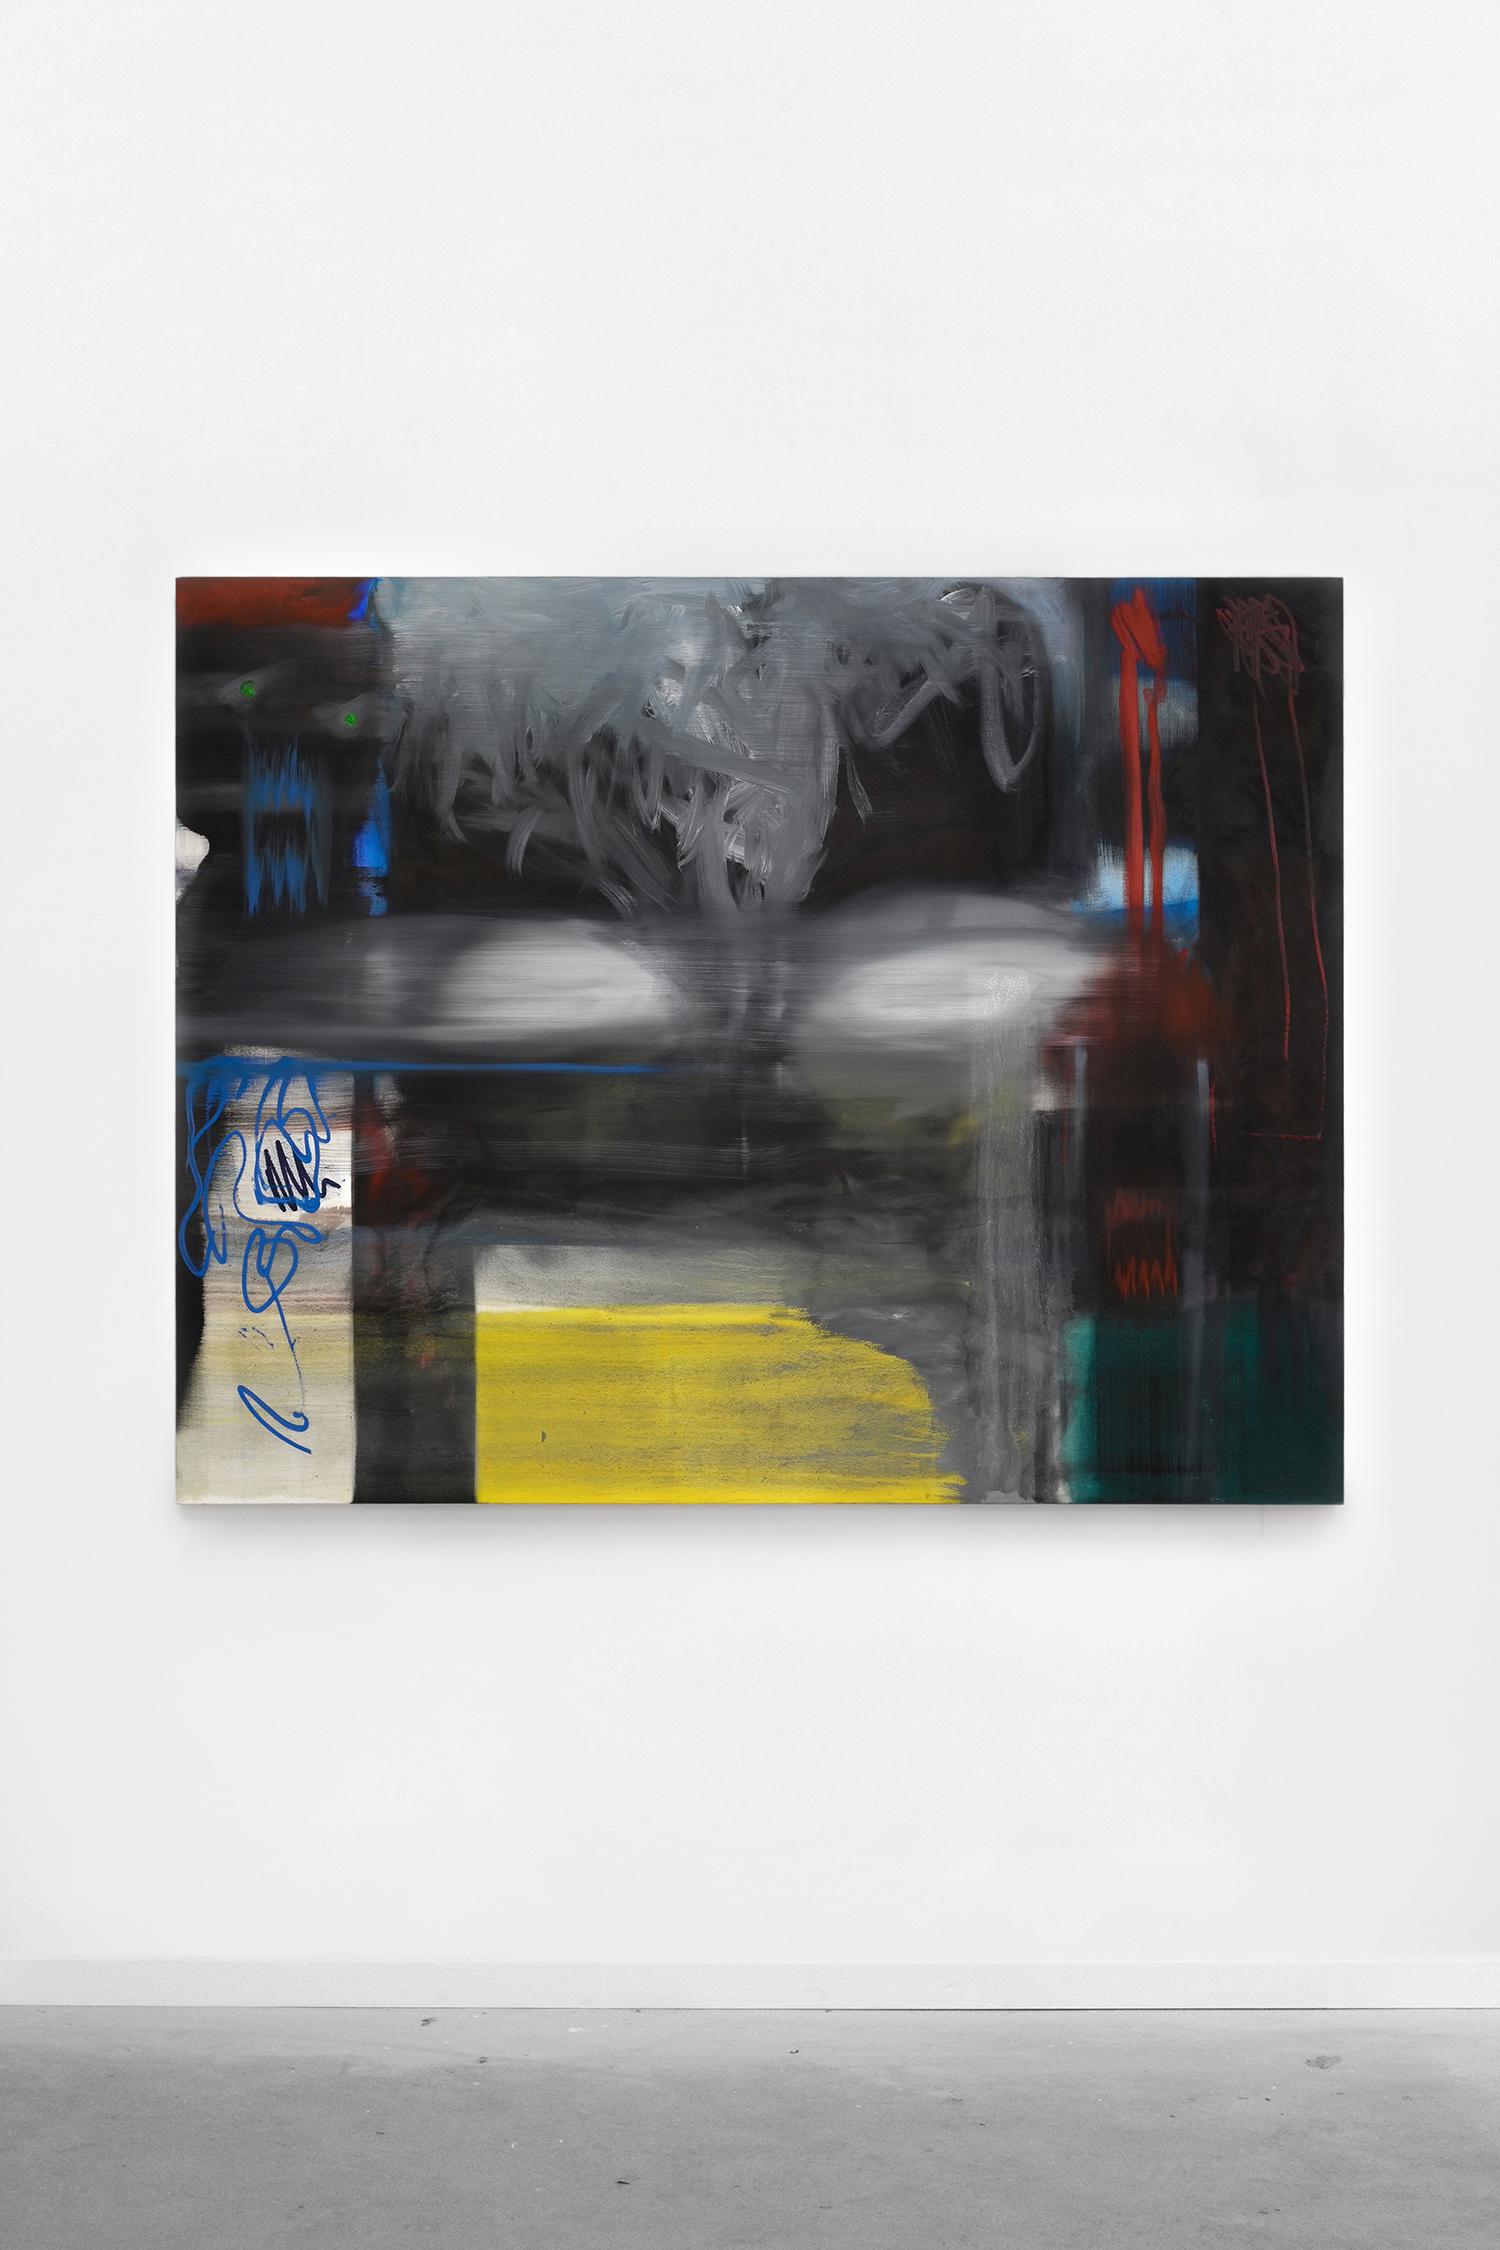 S. Derviz, Dancers I, oil on canvas, 170 x 120cm, 2018 (1.1).jpg